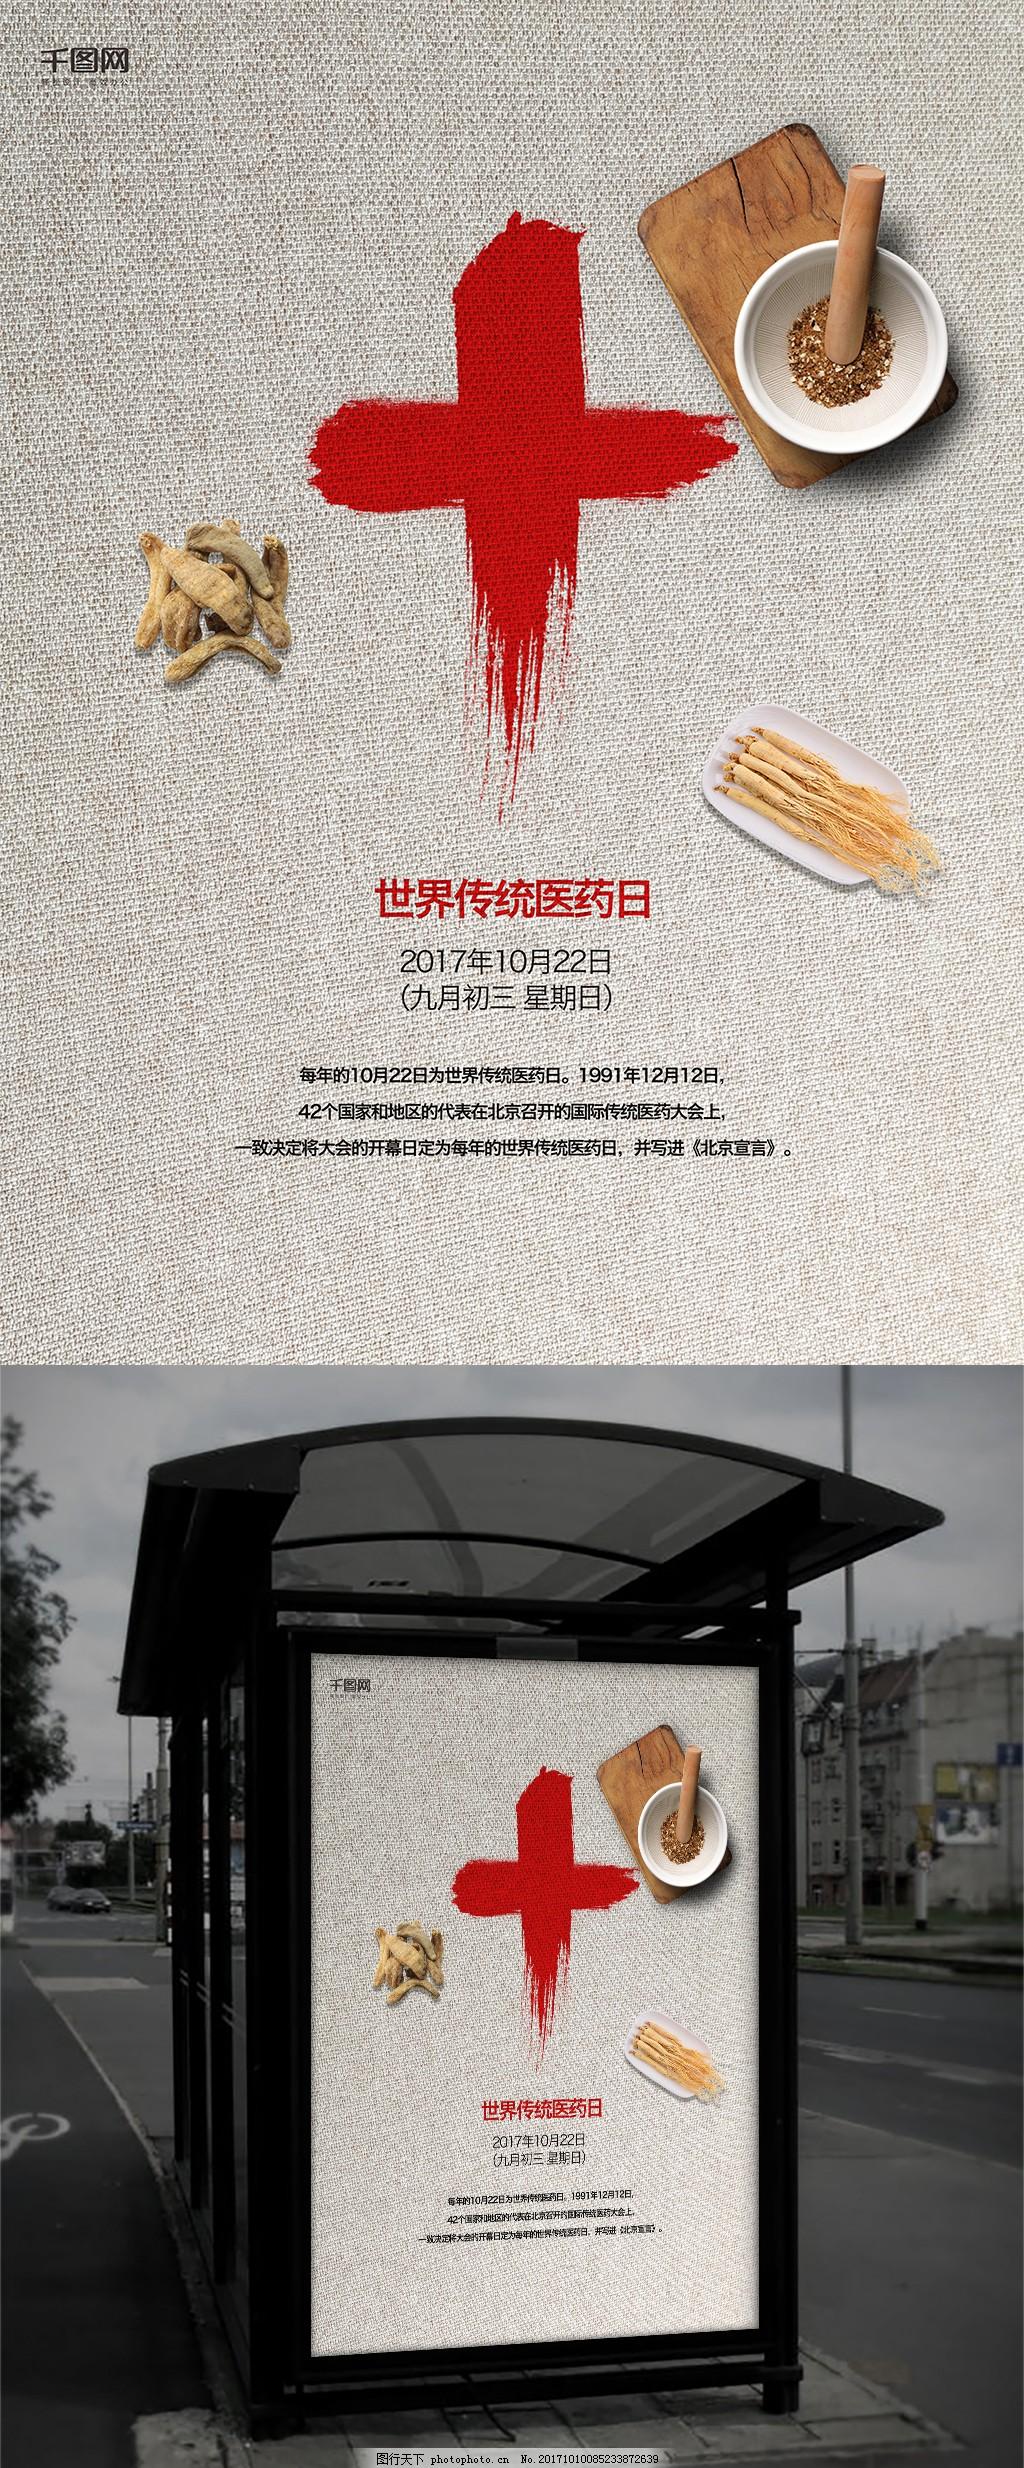 简约创意红十字药材世界传统医药日海报,毛笔,红色,人参,砧板,药盅,中药